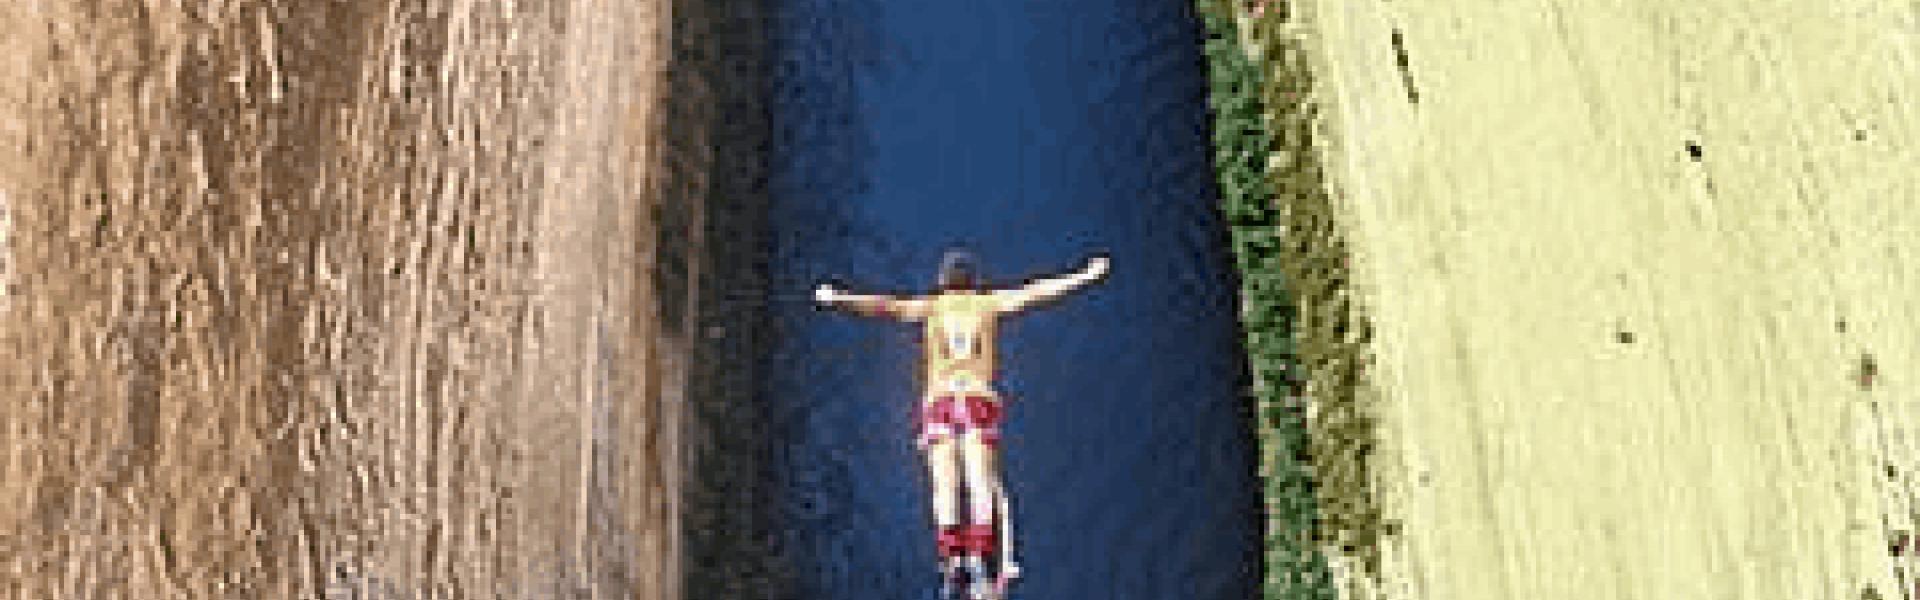 Bungee Jumping στο Κανάλι του Ισθμού